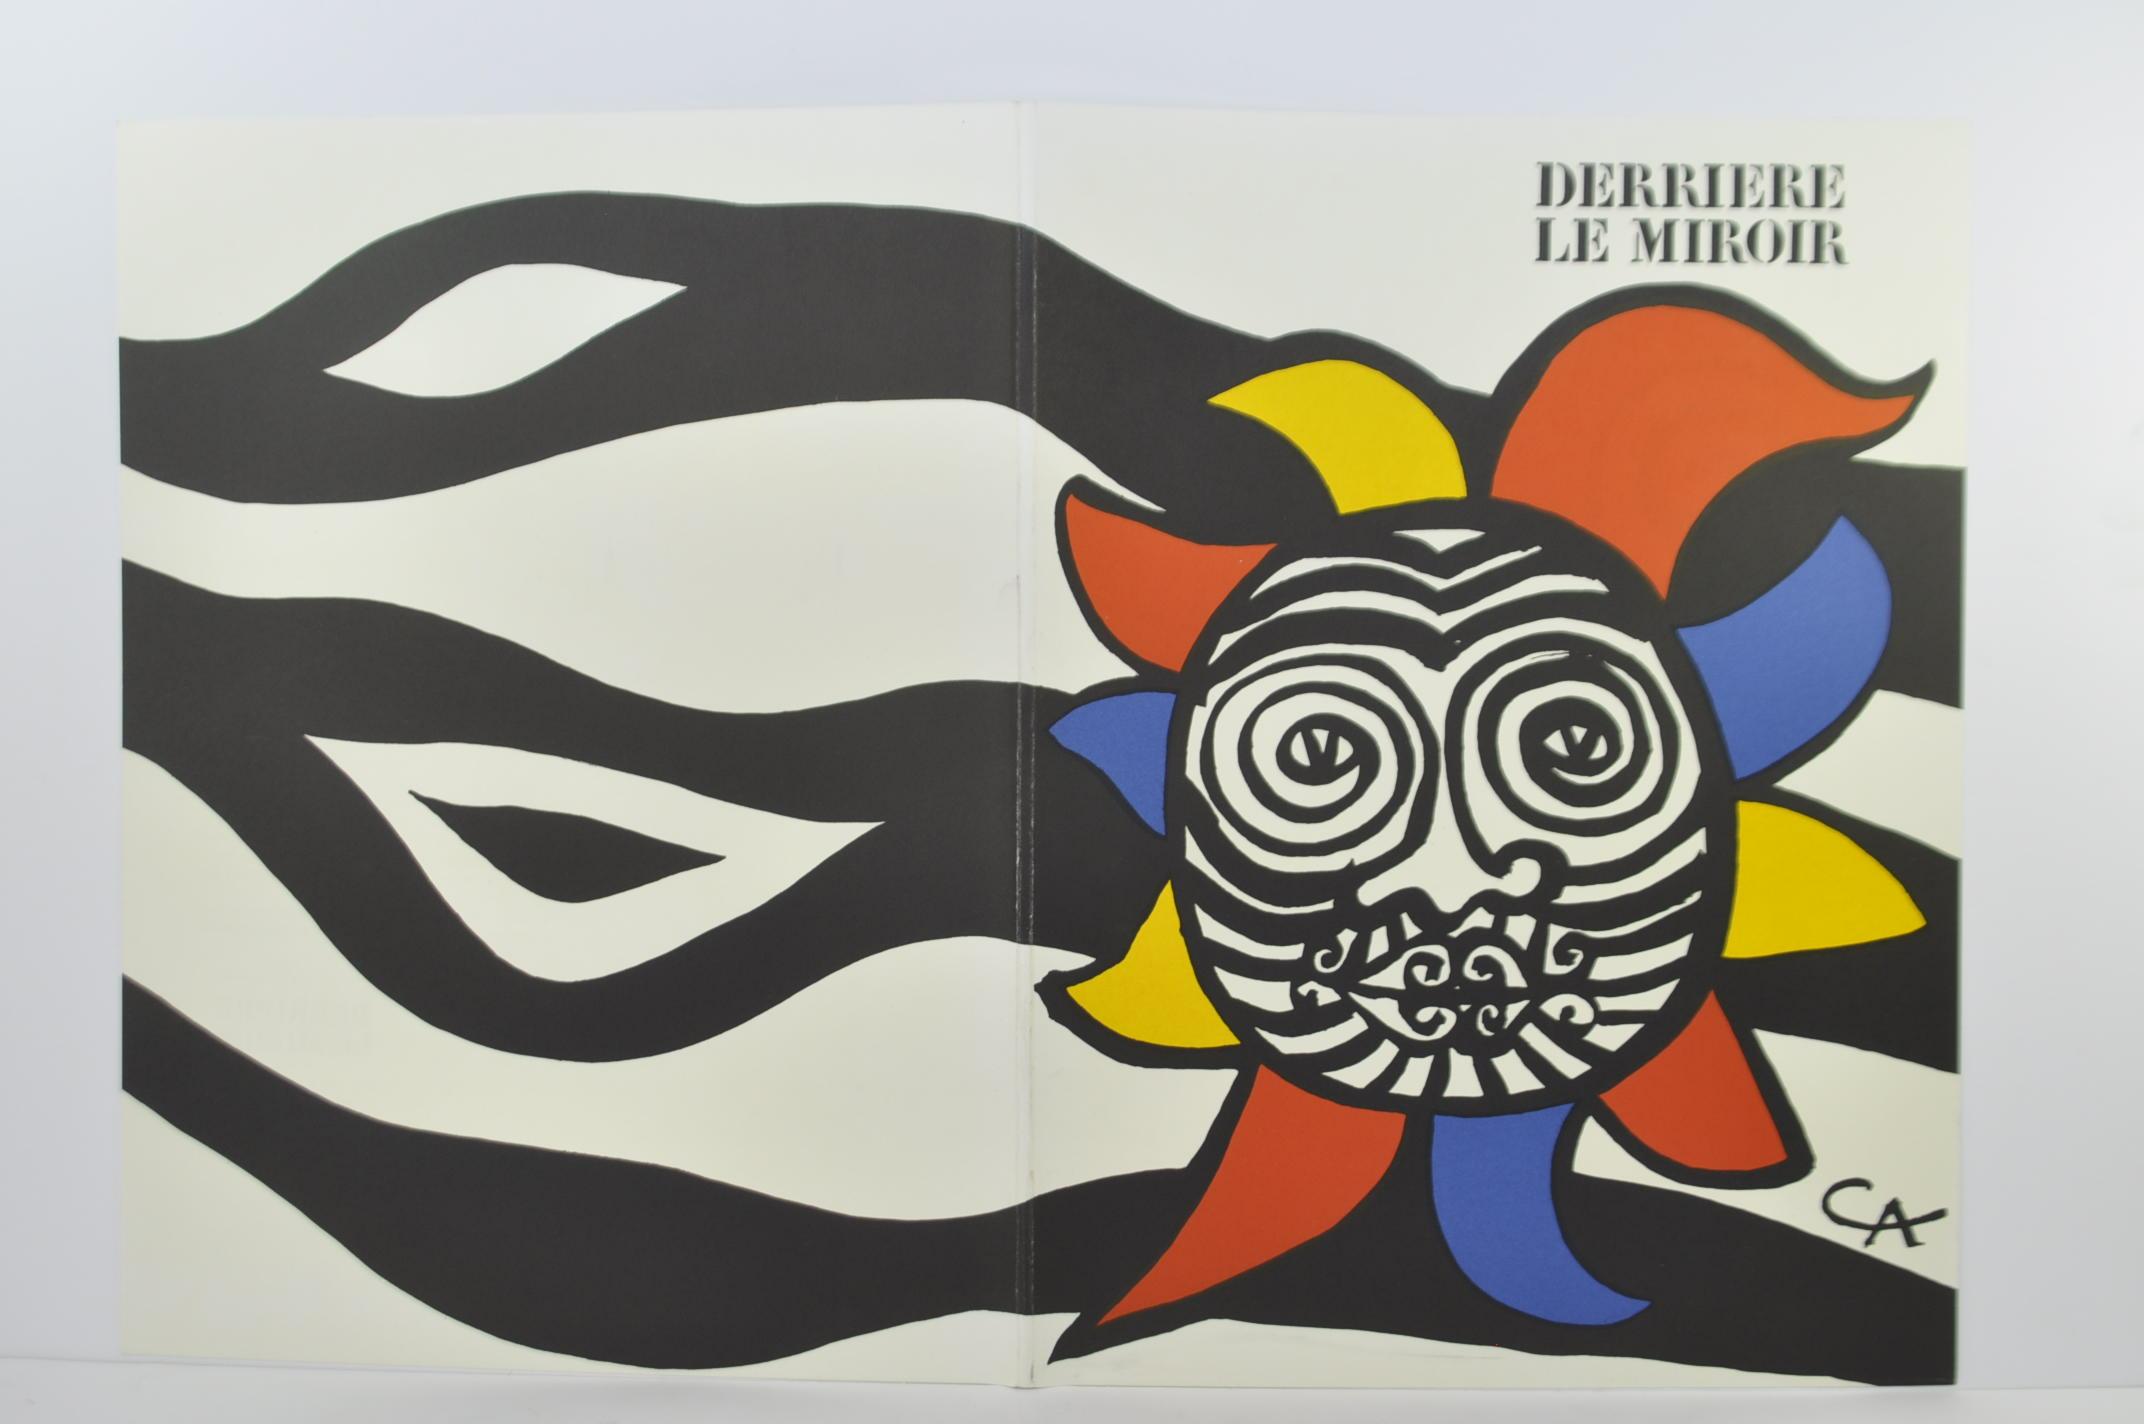 Alexander calder original lithograph derriere le miroir for Derriere le miroir maeght